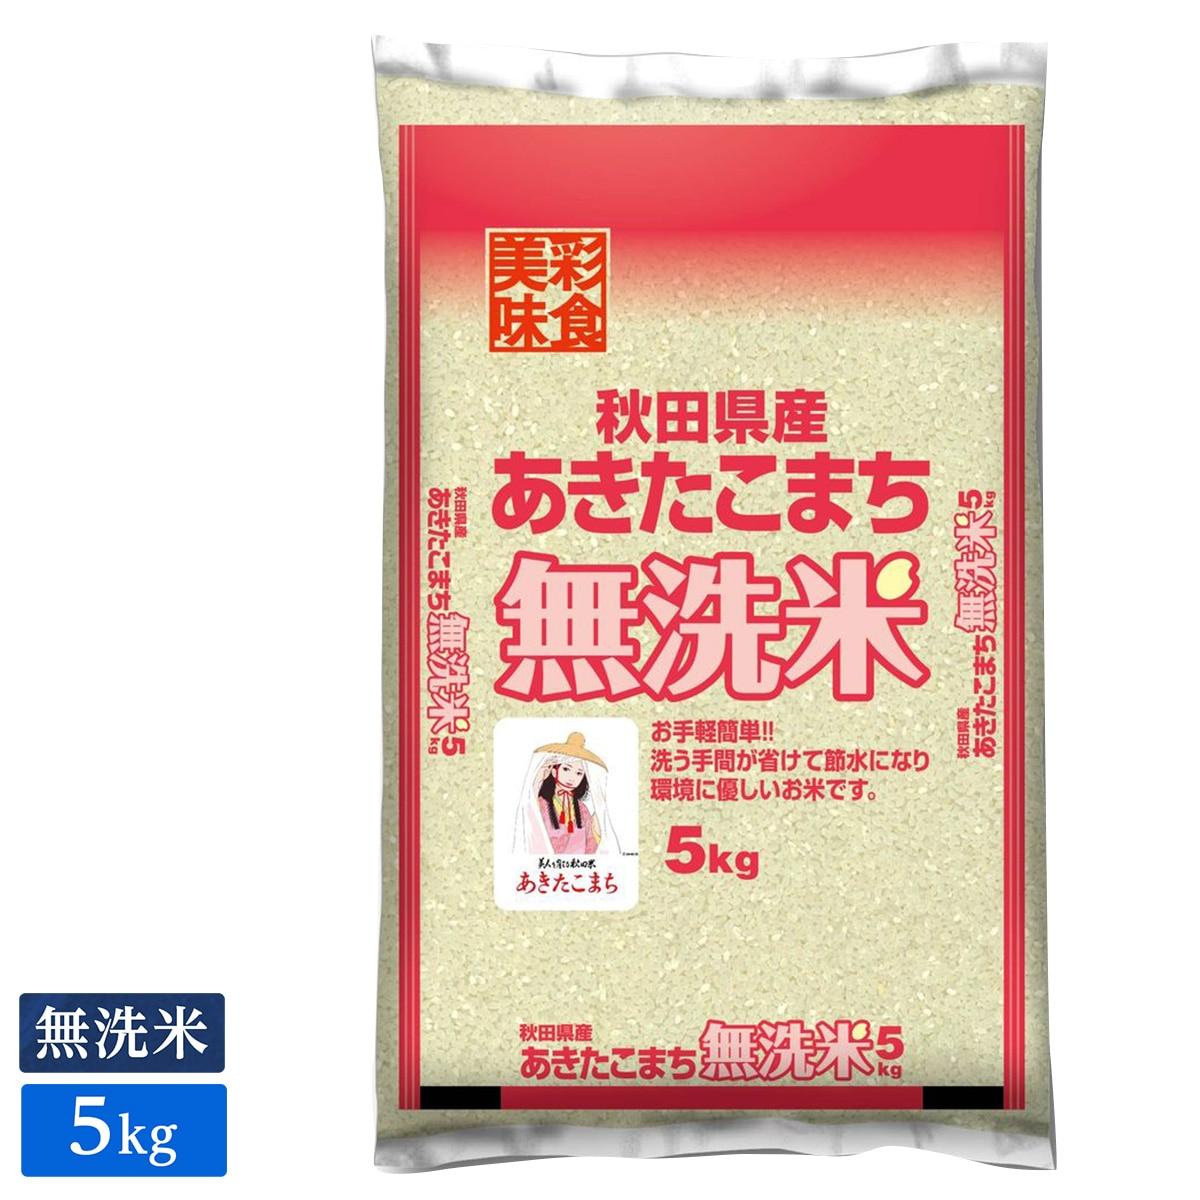 ■無洗米 令和2年産 秋田県産 あきたこまち 5kg(1袋)